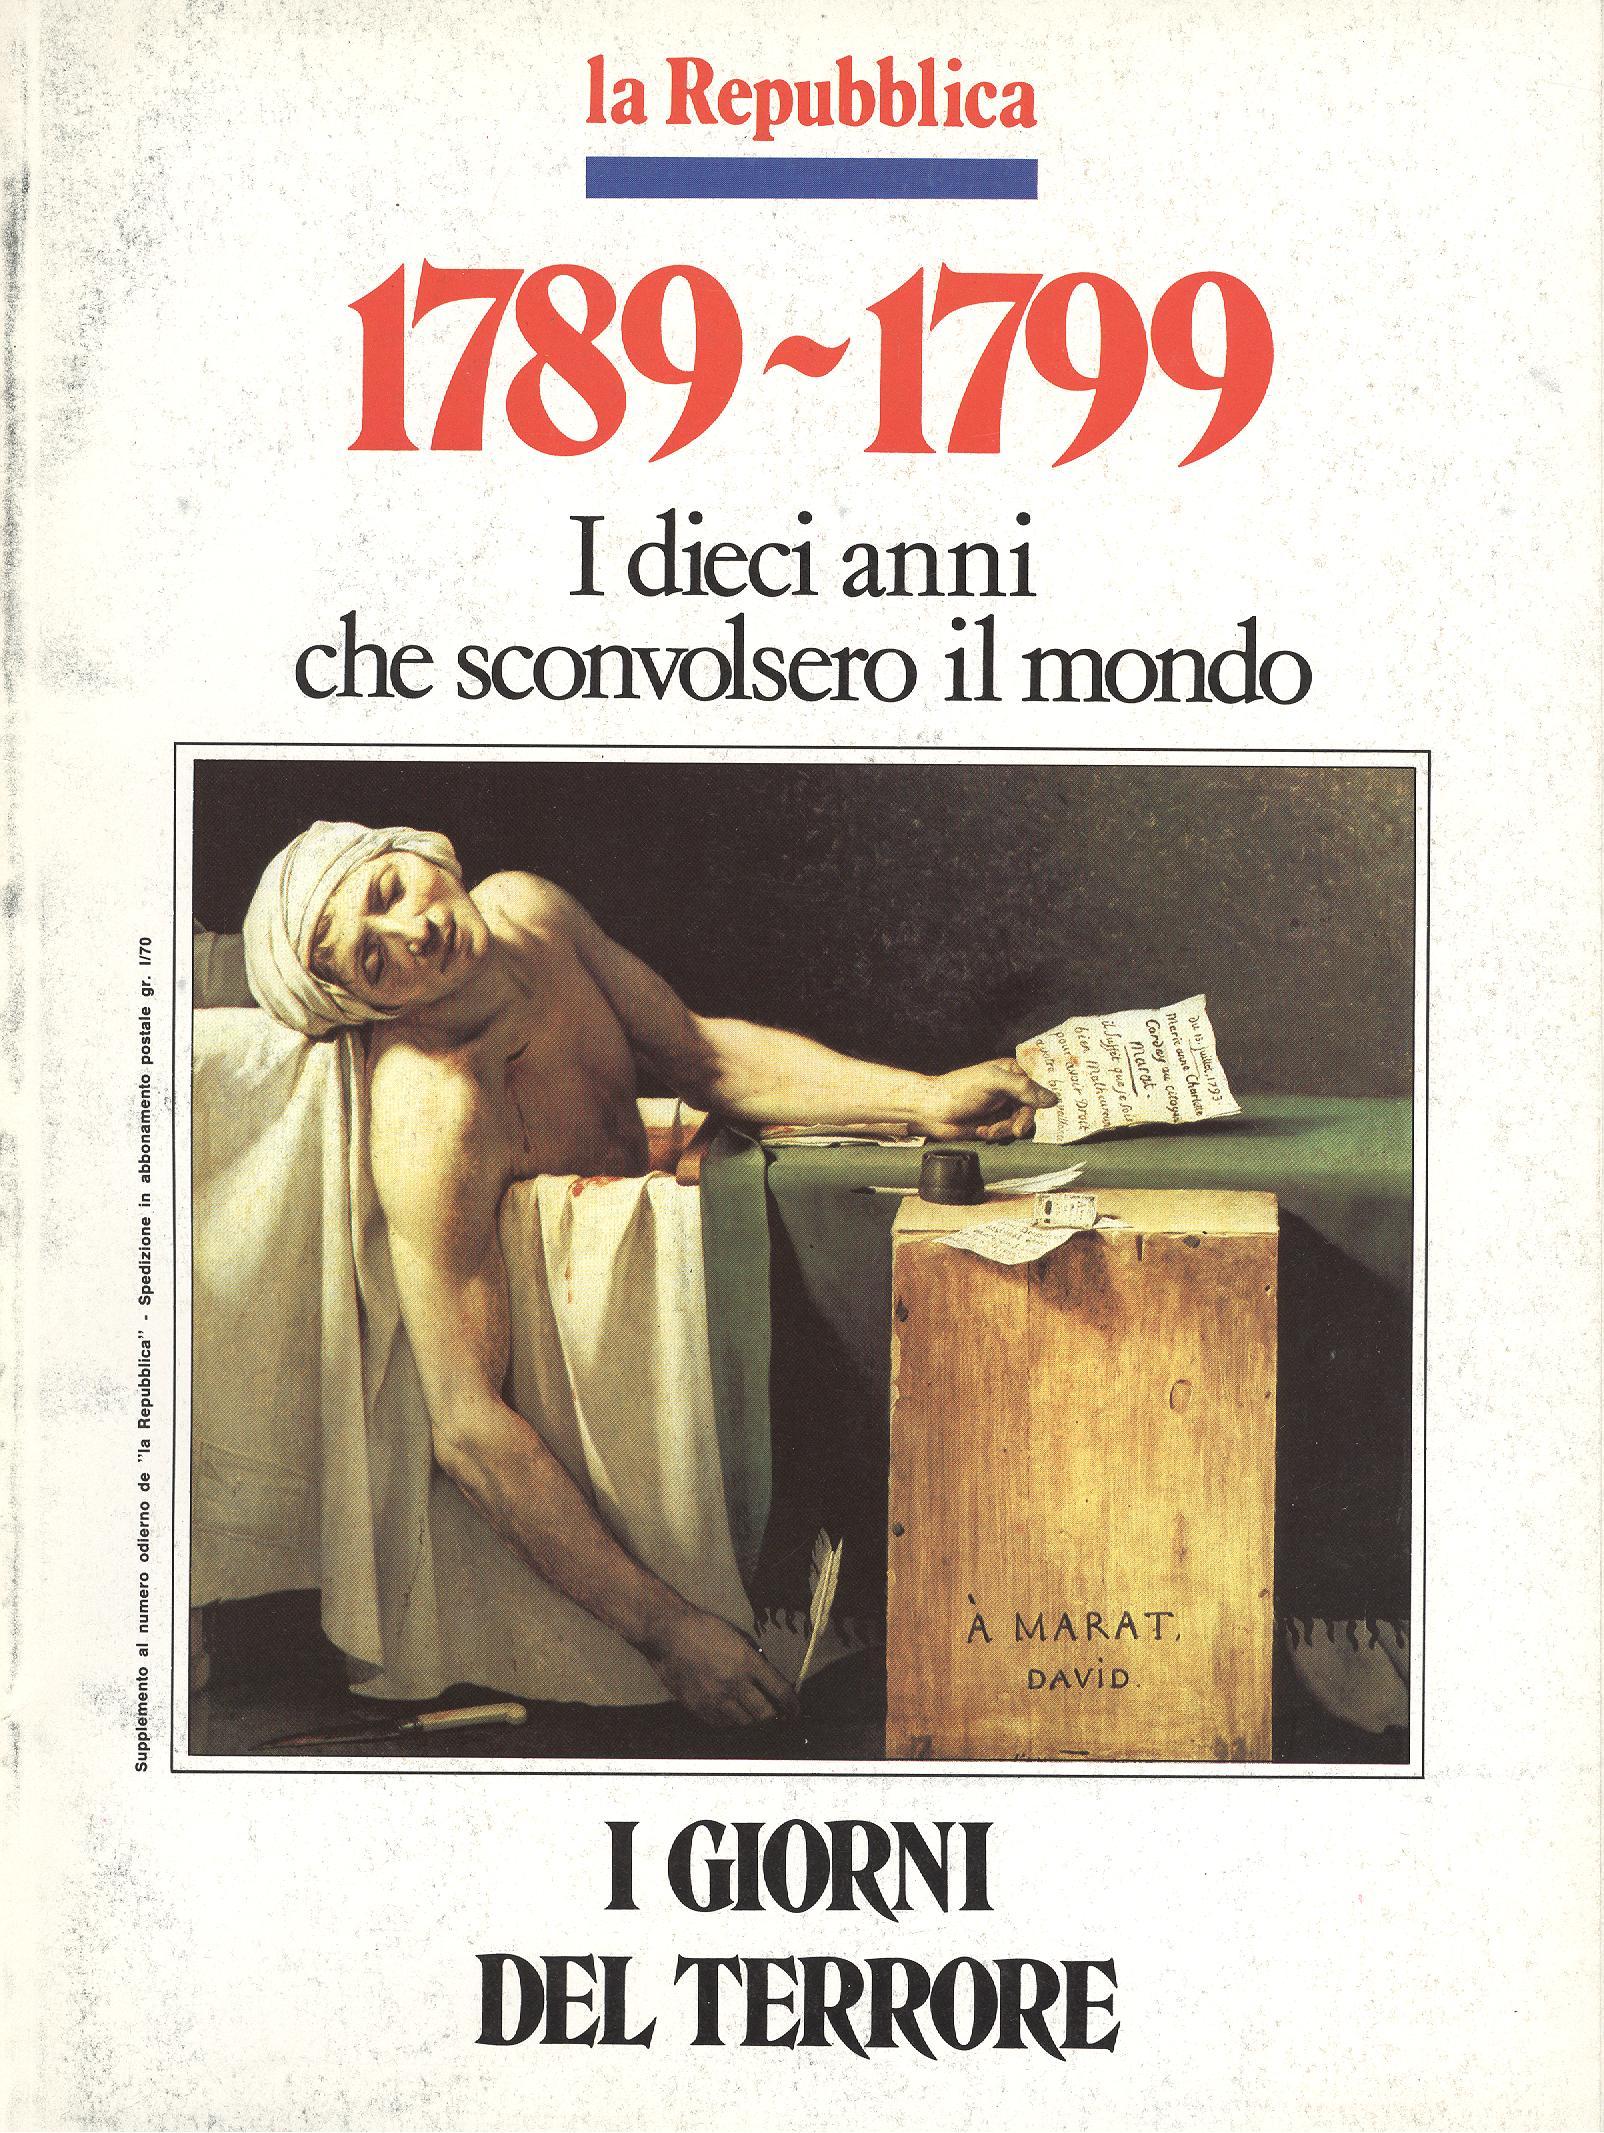 1789-1799 I dieci anni che sconvolsero il mondo - Vol. 4